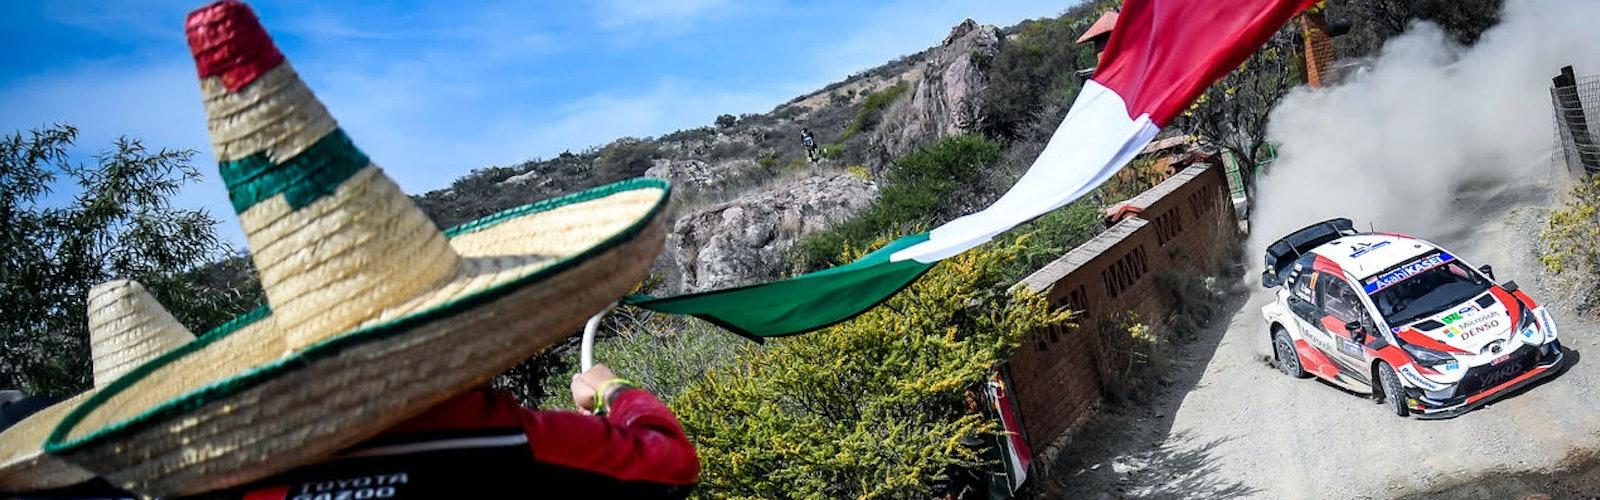 Mexico covid